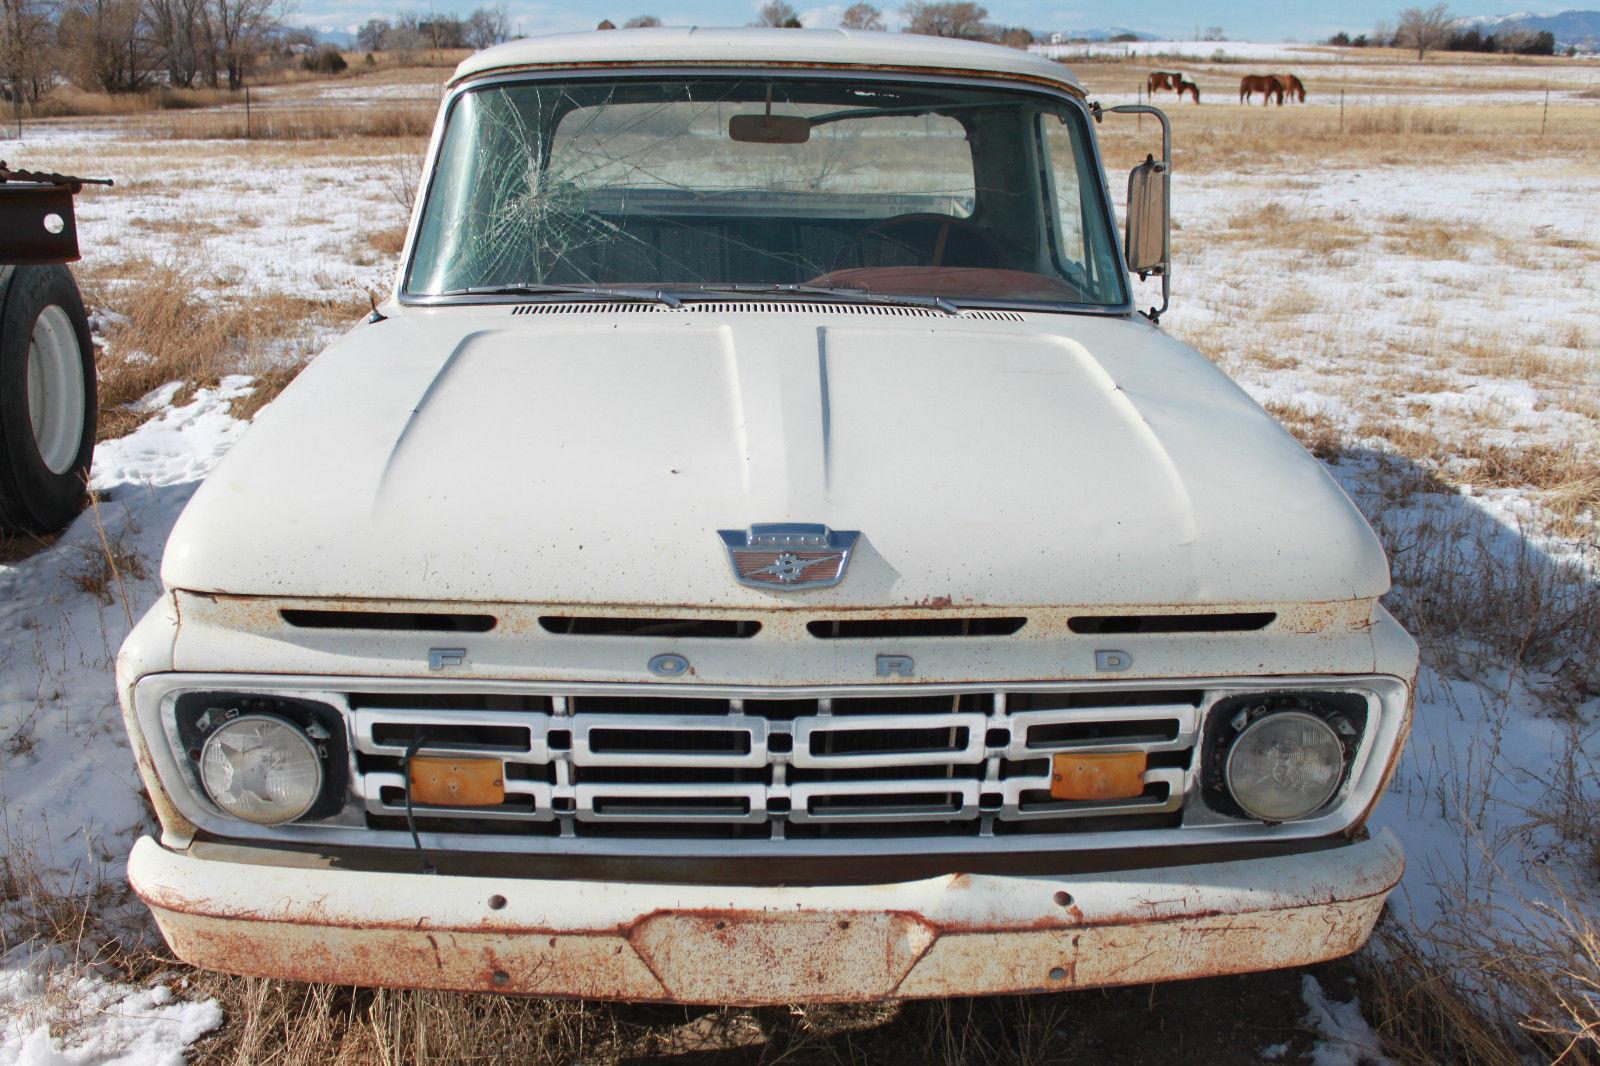 1964 ford f 100 short bed pick up truck vintage classic. Black Bedroom Furniture Sets. Home Design Ideas